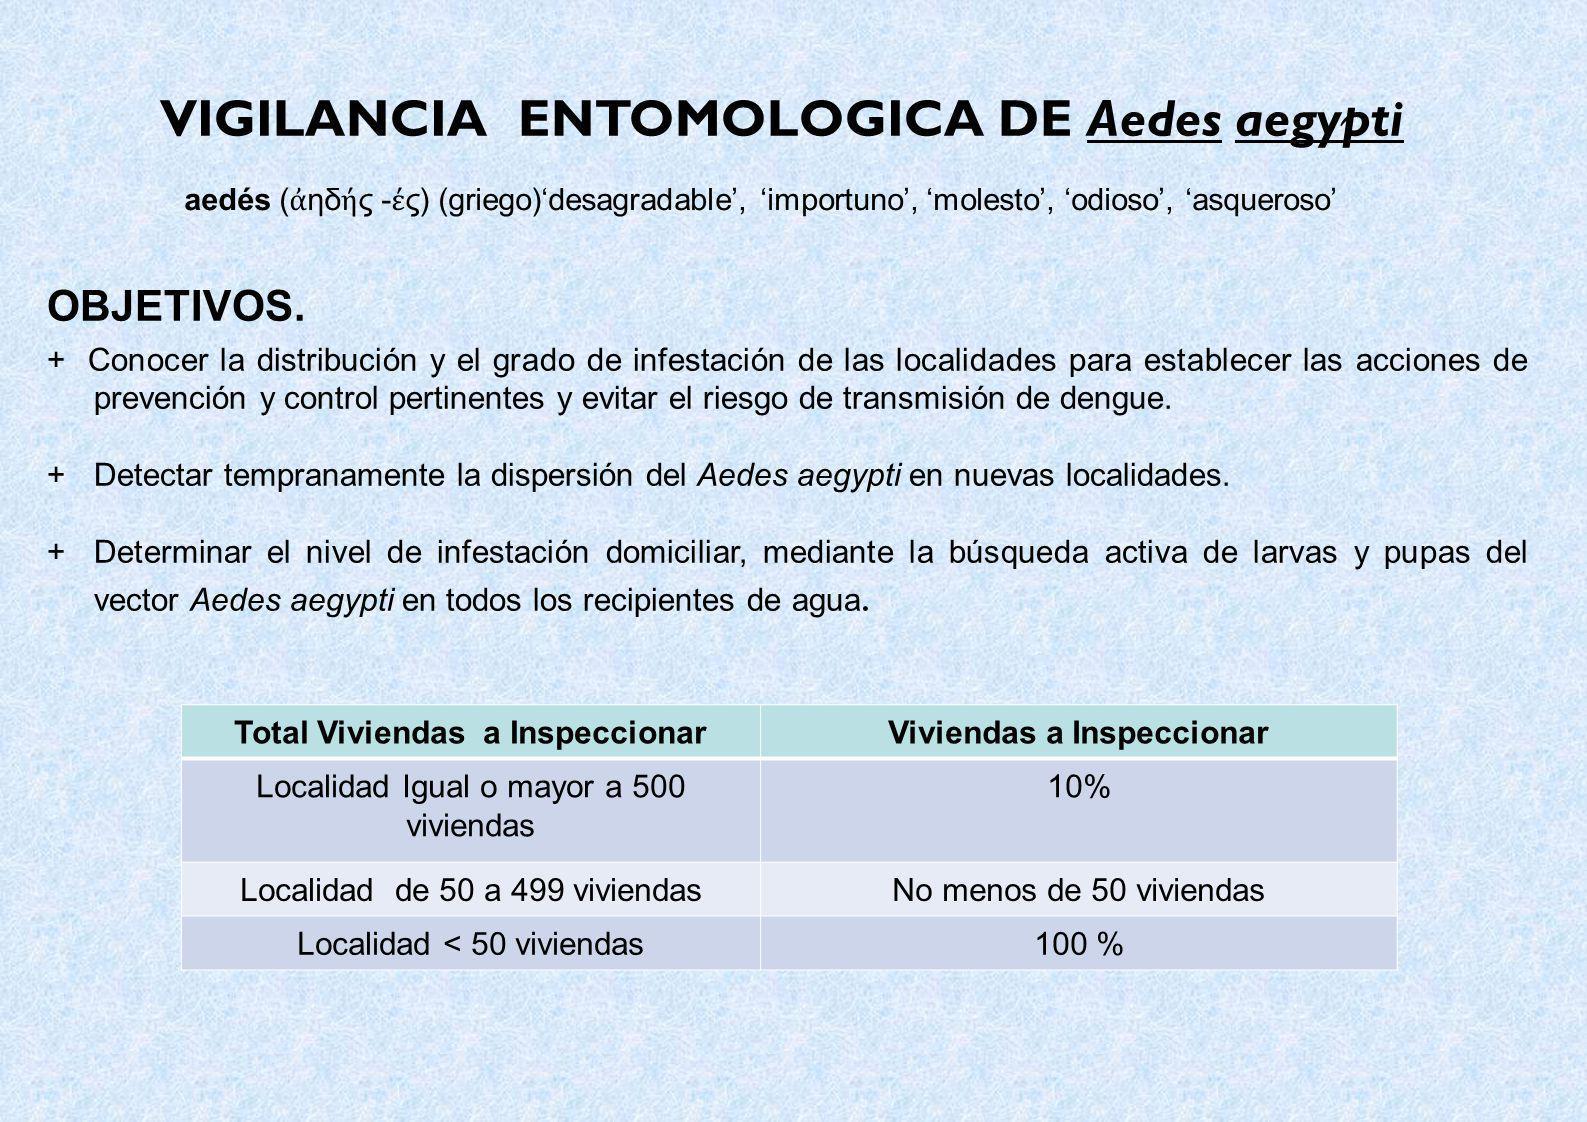 VIGILANCIA ENTOMOLOGICA DE Aedes aegypti